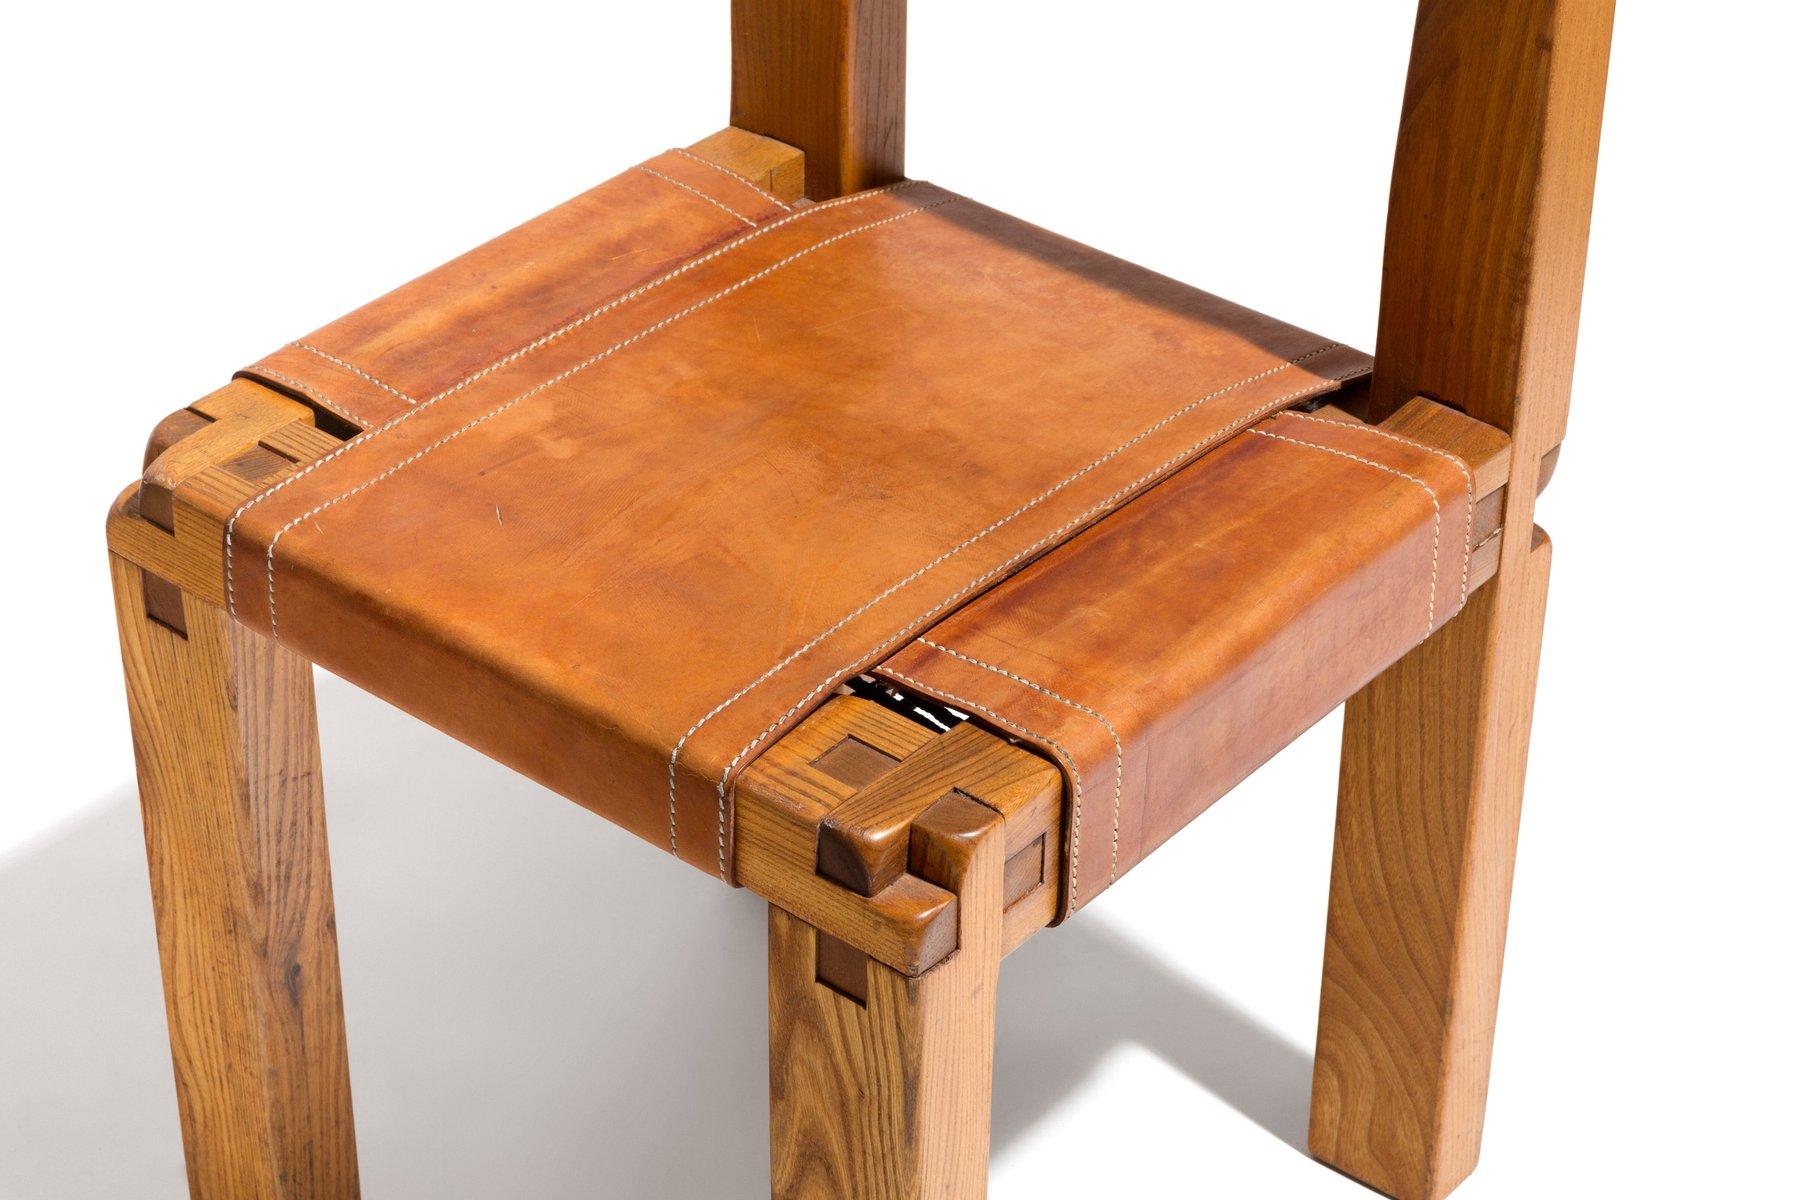 franz sischer vintage t27 schreibtisch und s11 stuhl von pierre chapo bei pamono kaufen. Black Bedroom Furniture Sets. Home Design Ideas